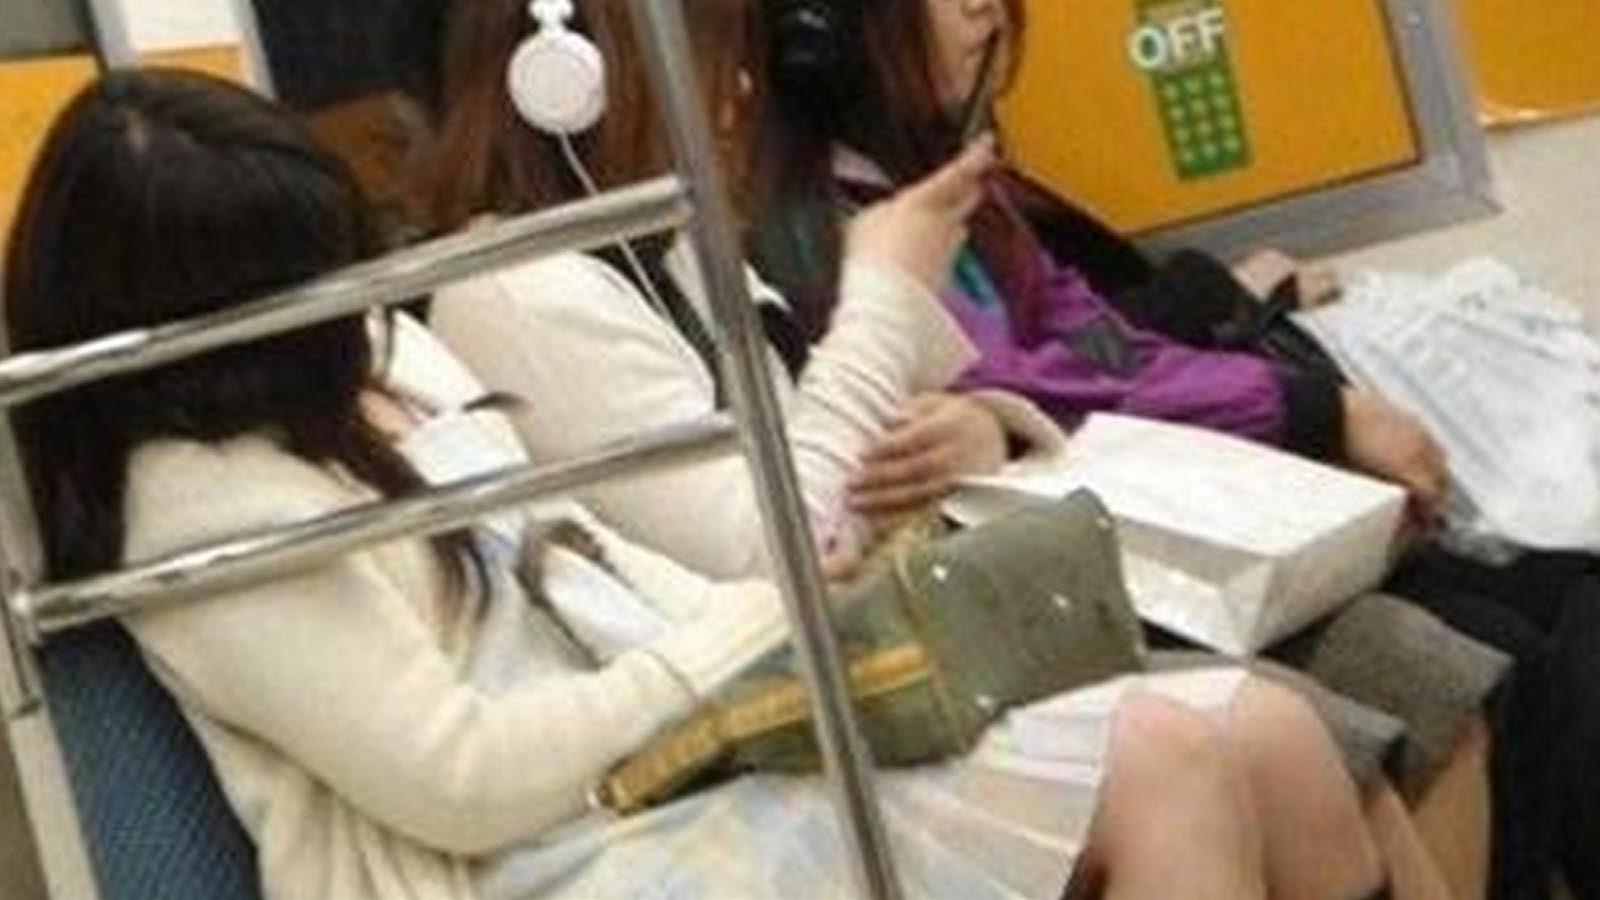 電車で席を奪い取ろうとする老人に対し、若者が放った言葉が突き刺さる!